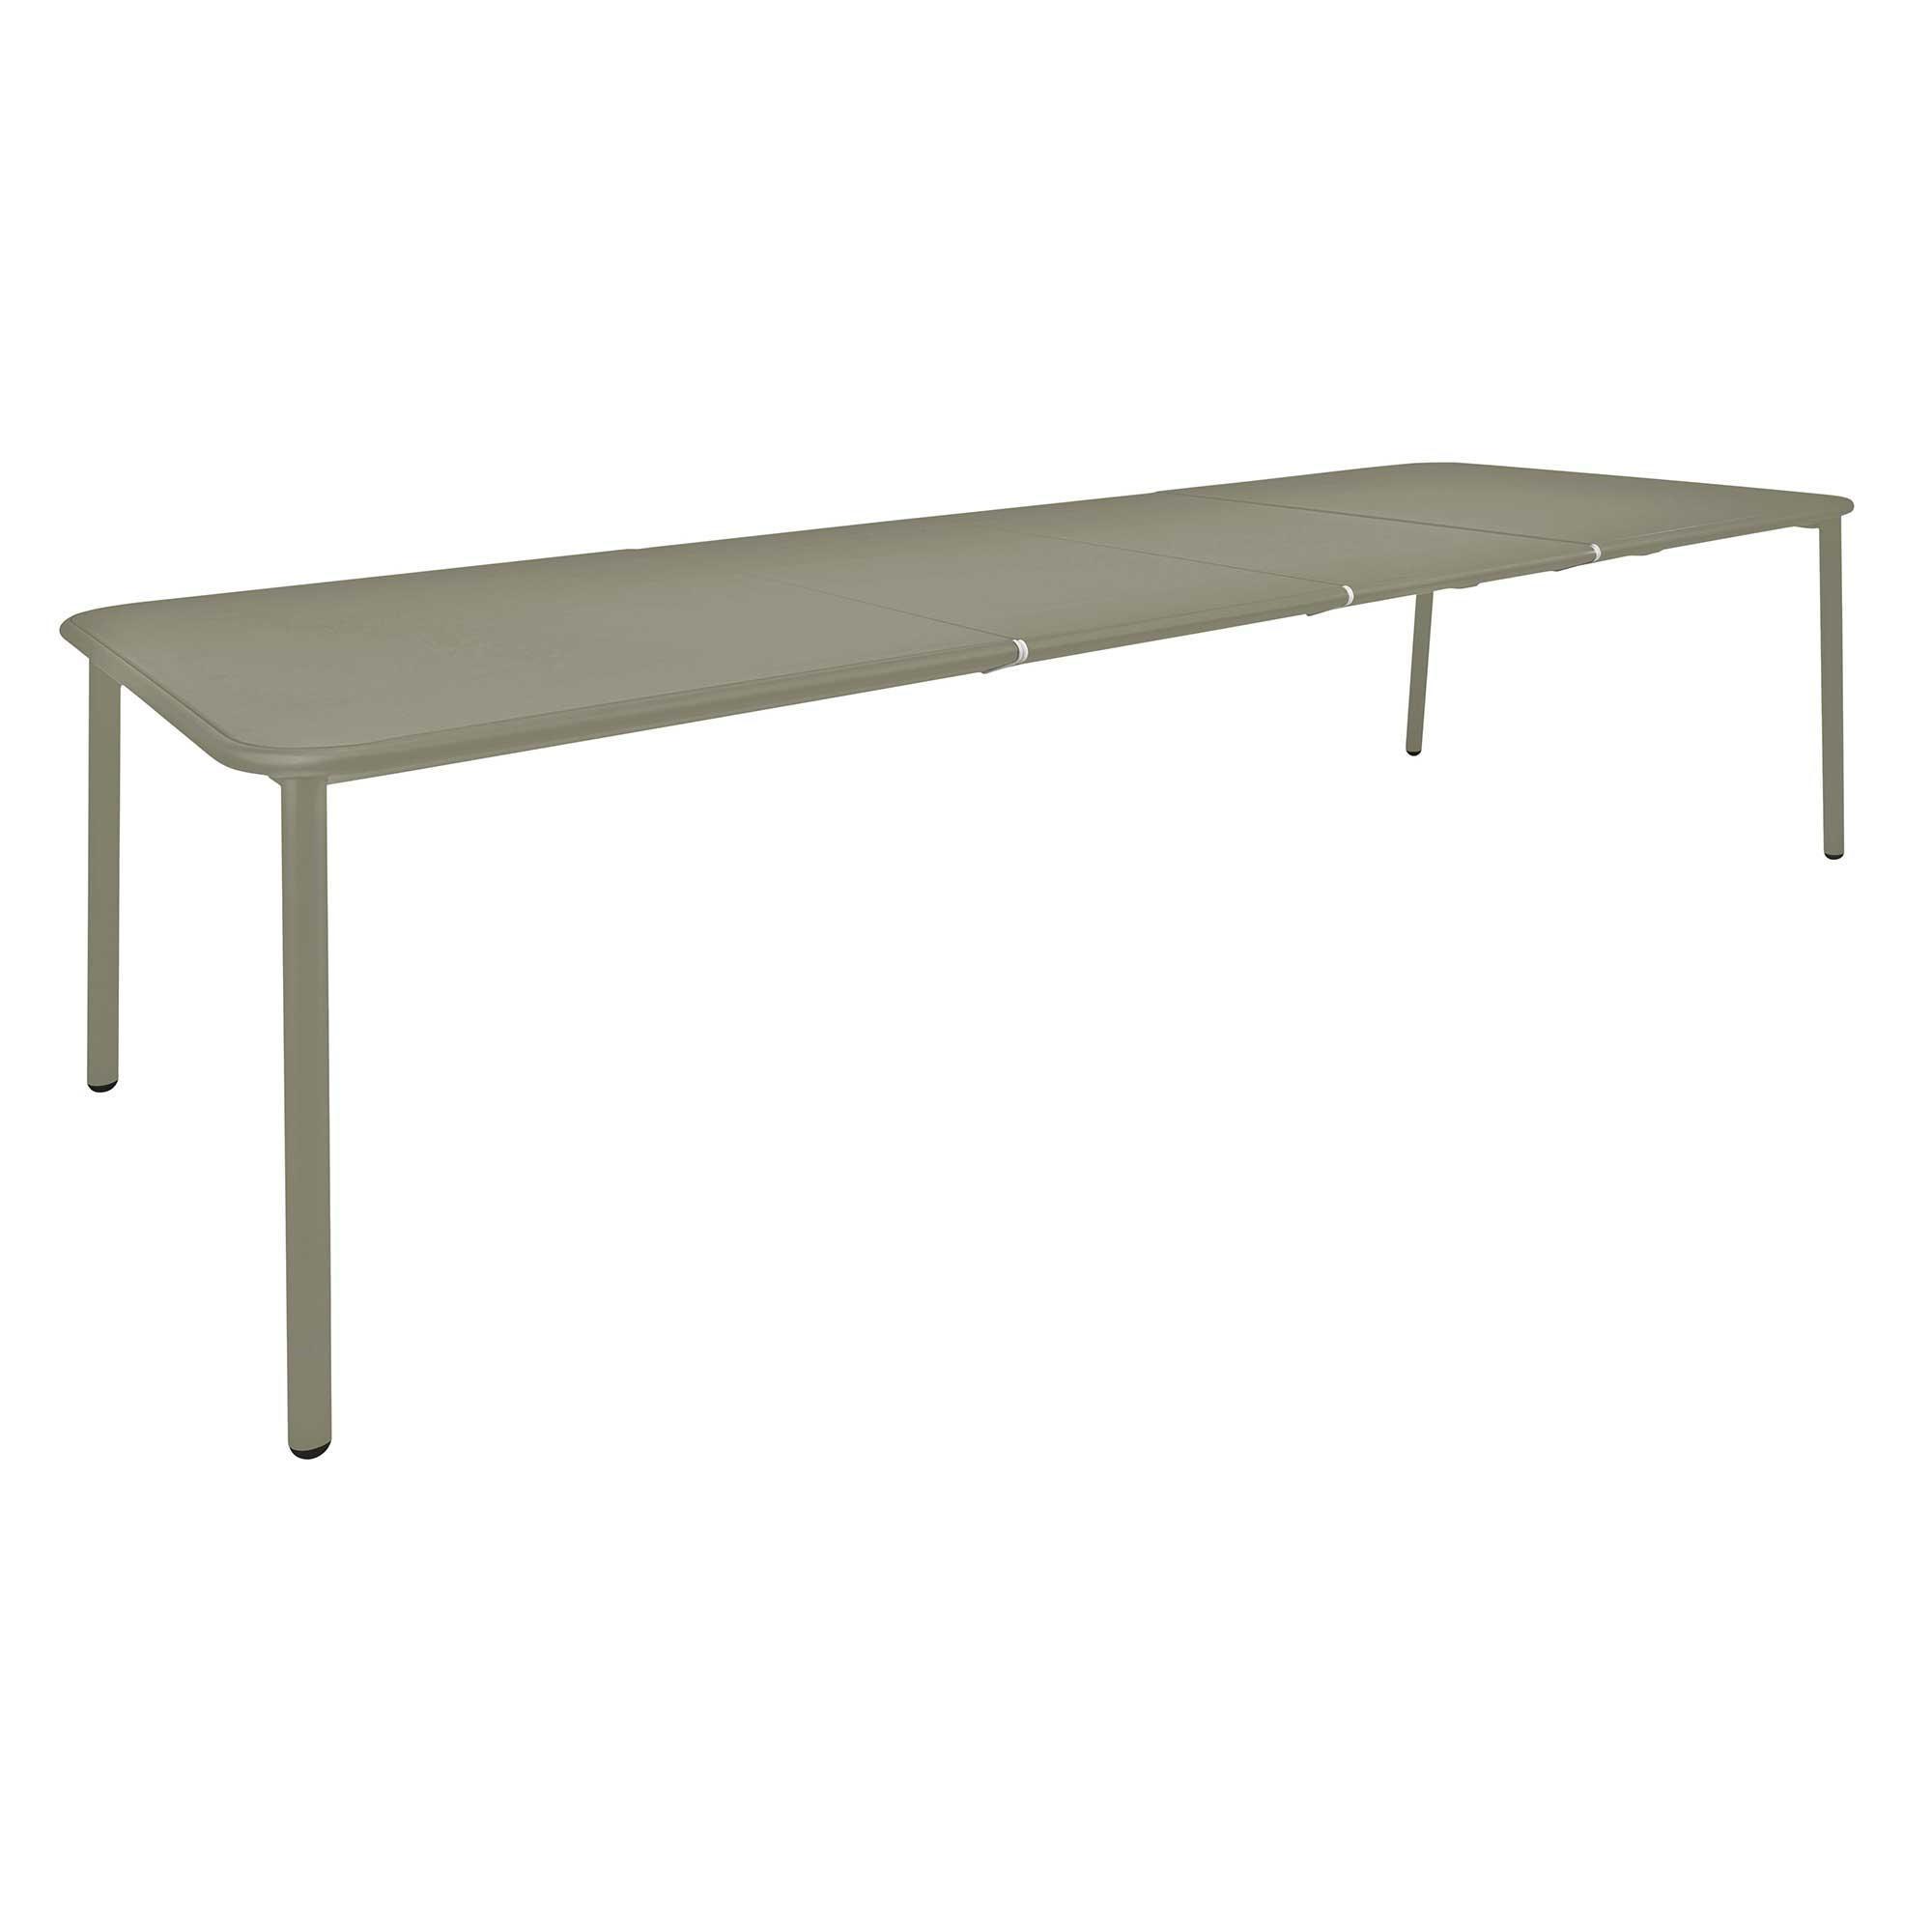 Yard Aluminium Outdoor Table Extendable Emu Gartentisch Ausziehbar